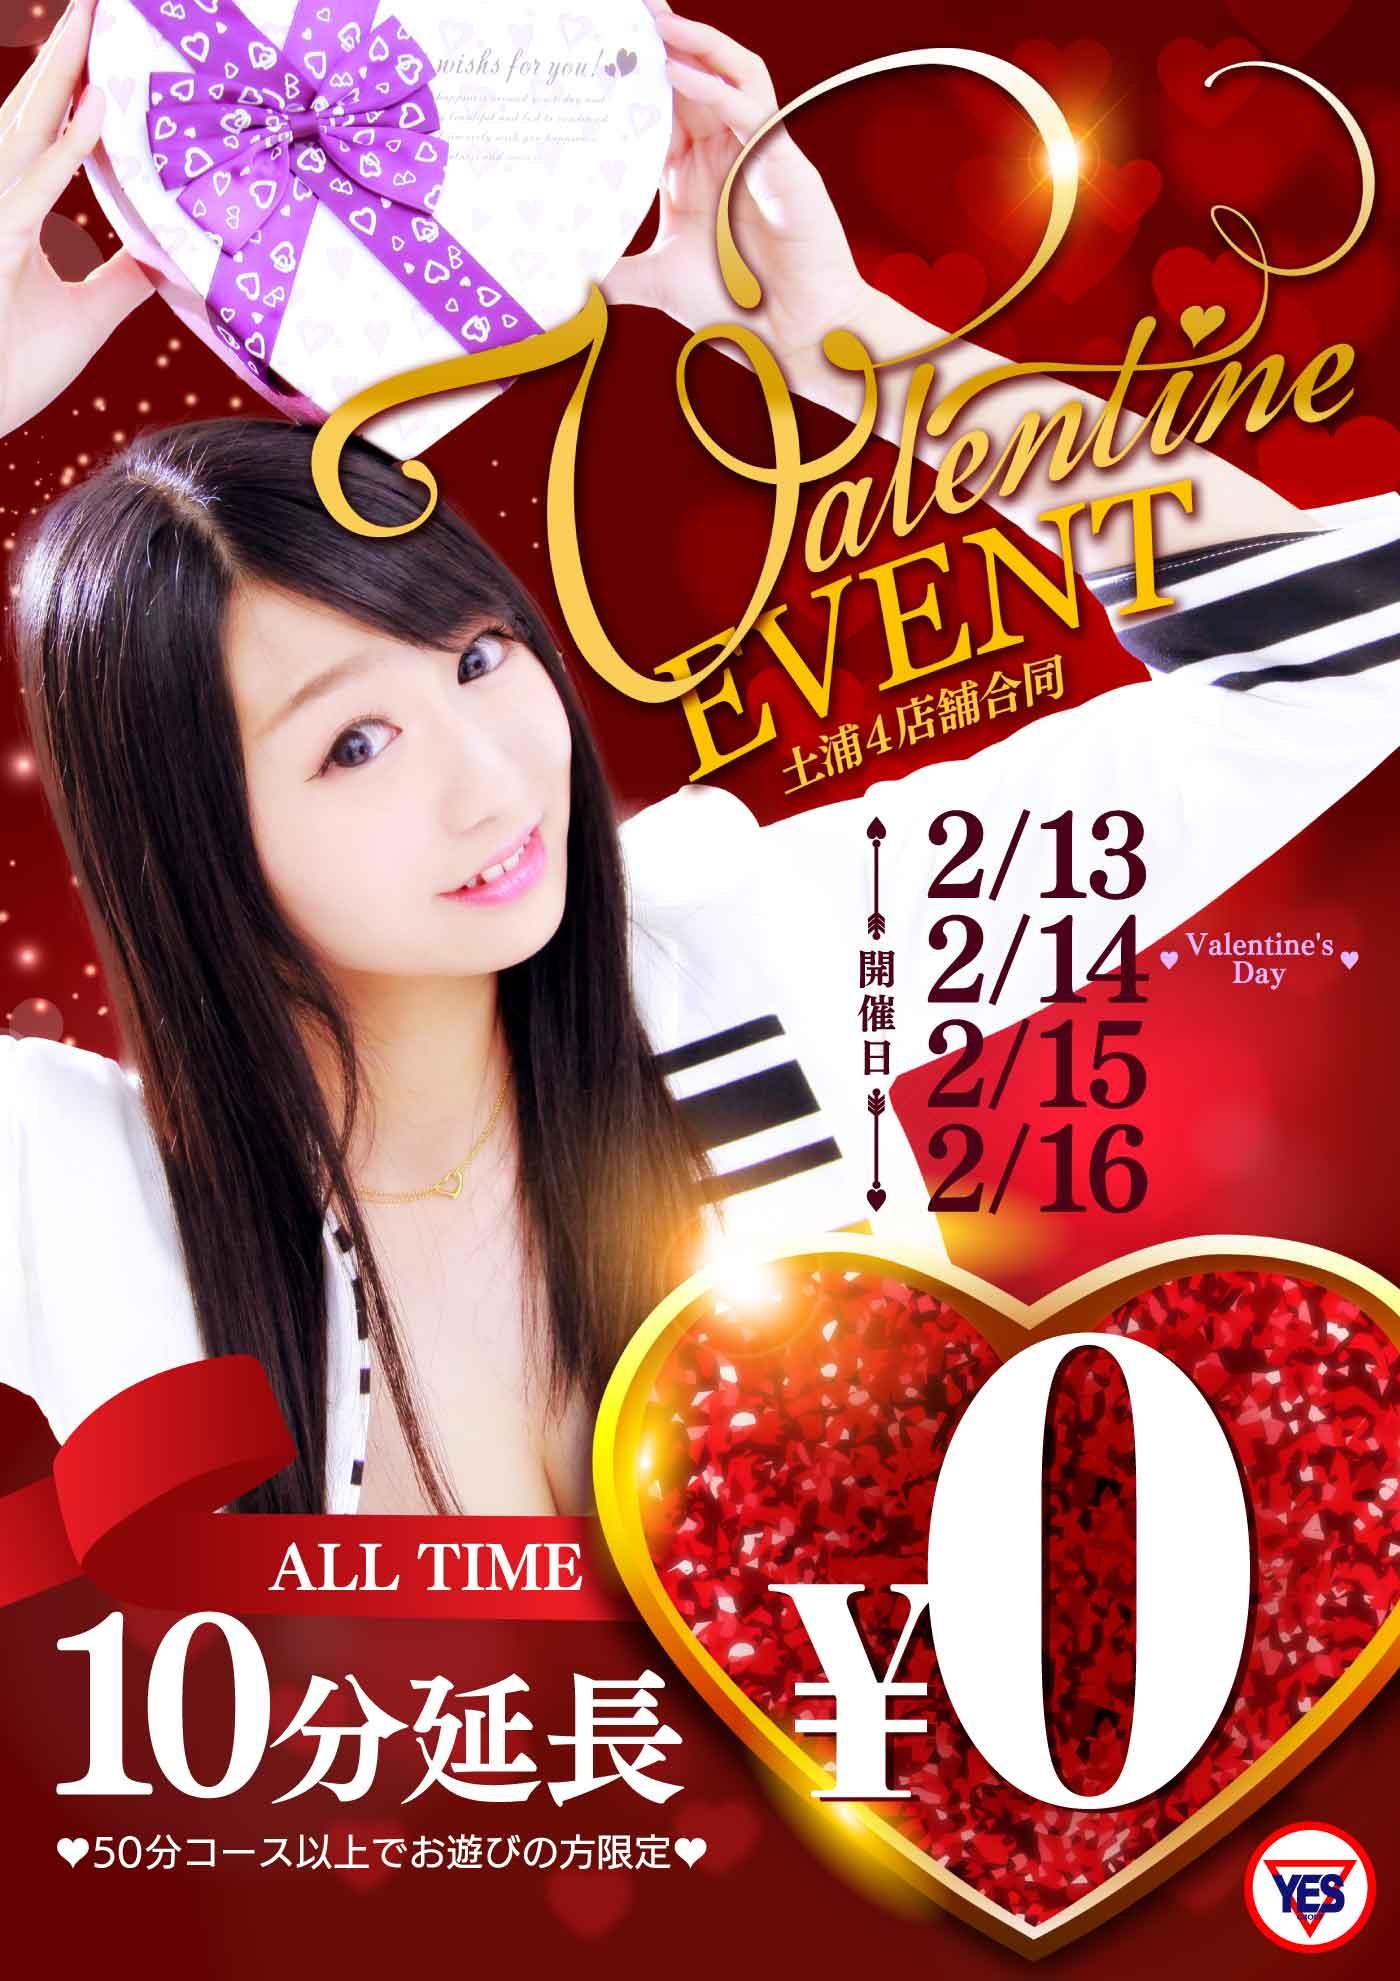 土浦4店舗合同バレンタインイベント